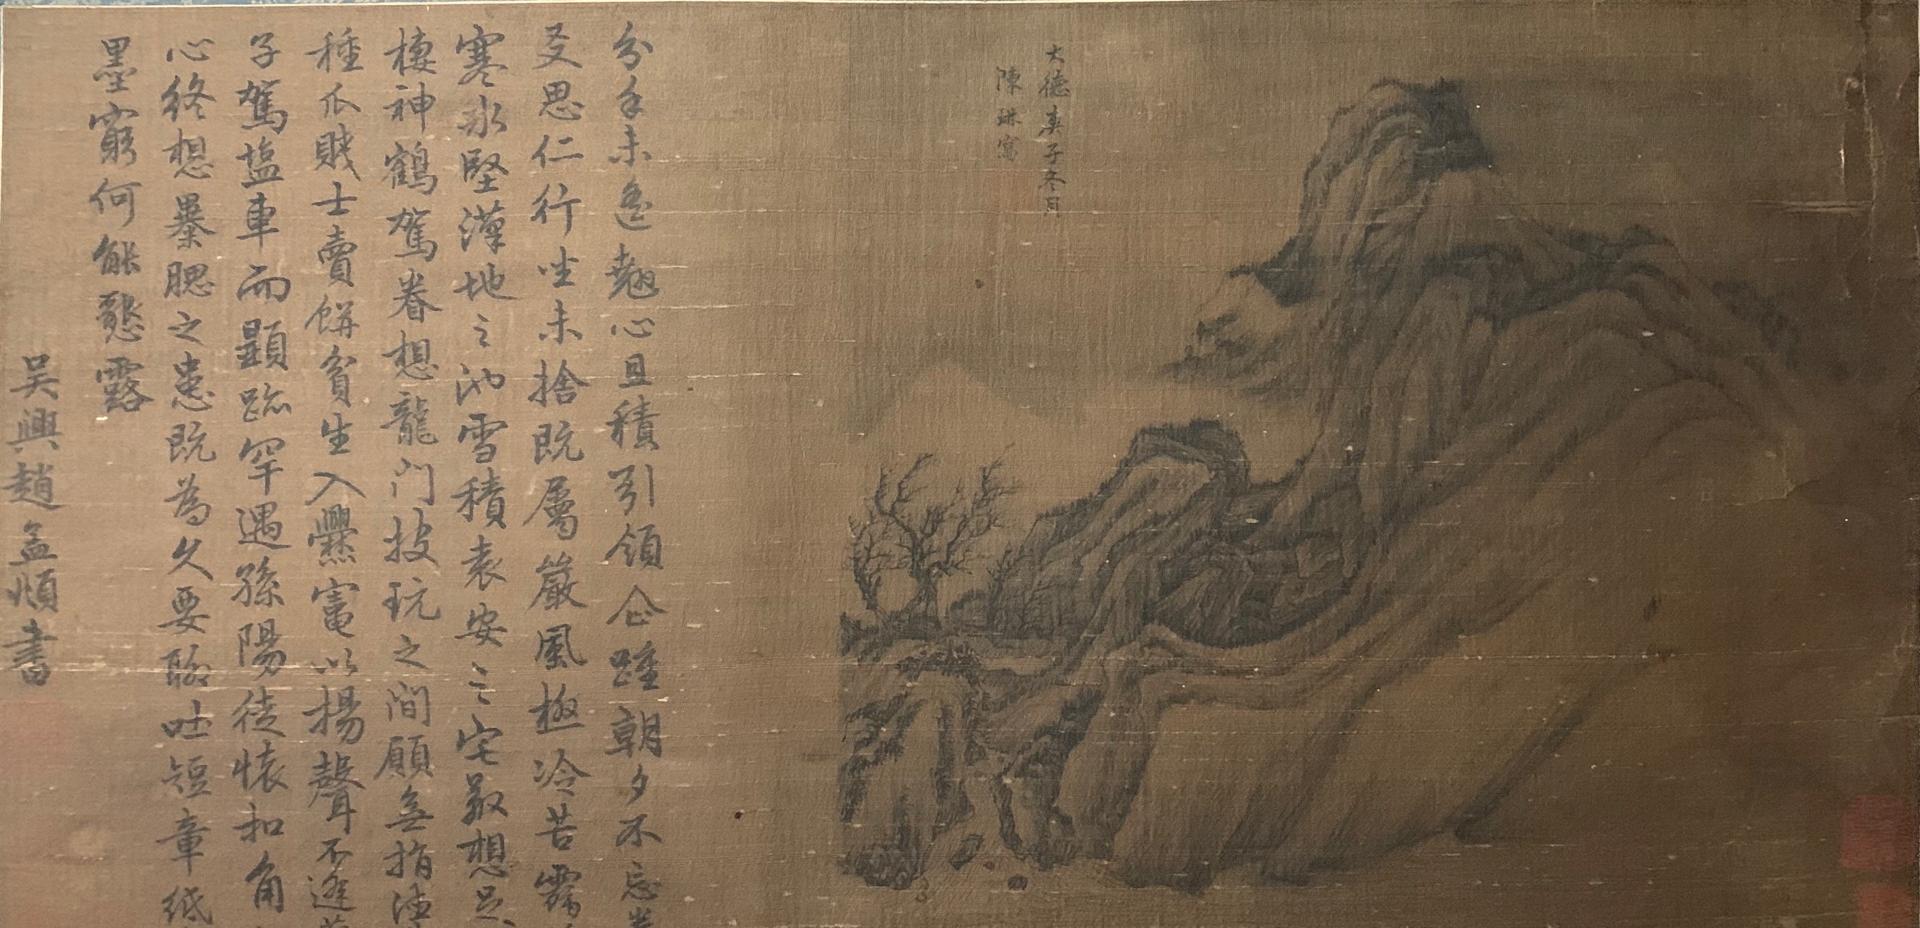 赵孟頫 陈琳 绢本书画合璧